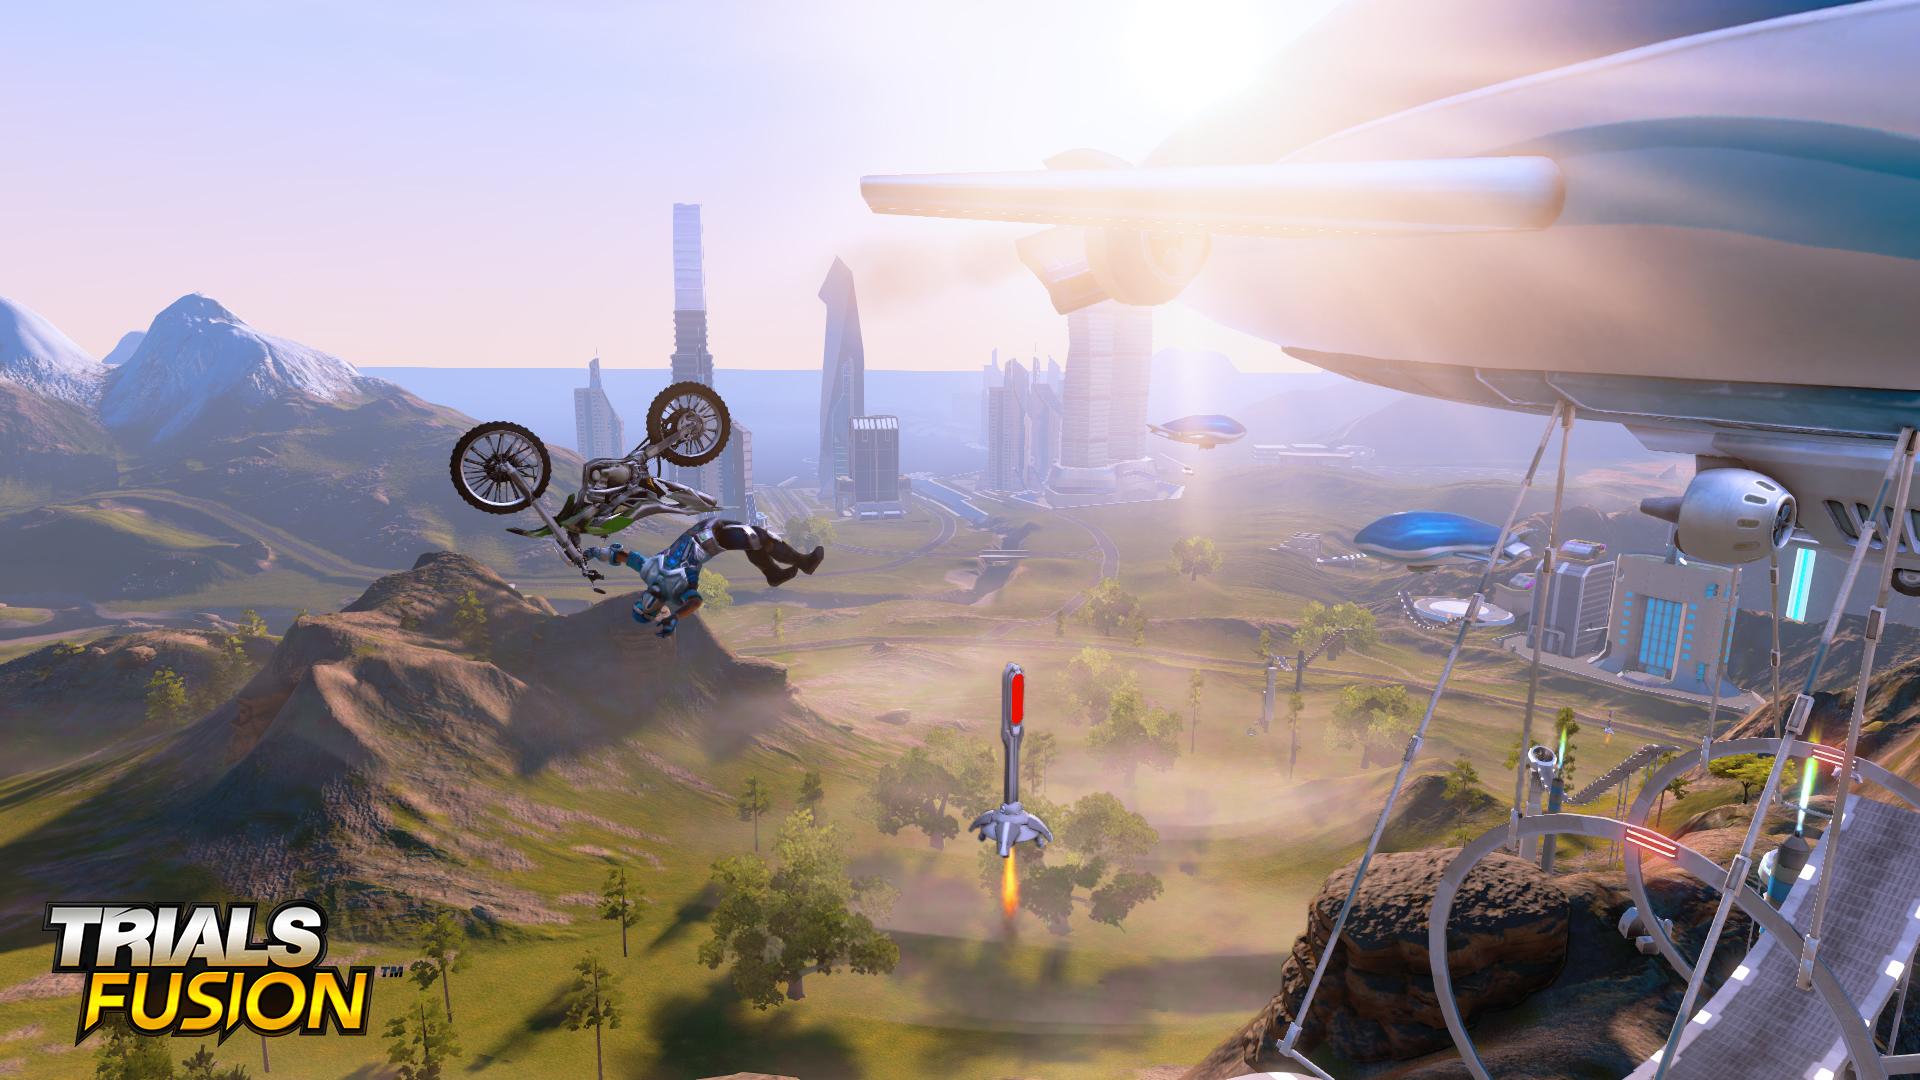 Bláznivé skoky v Trials Fusion 93976